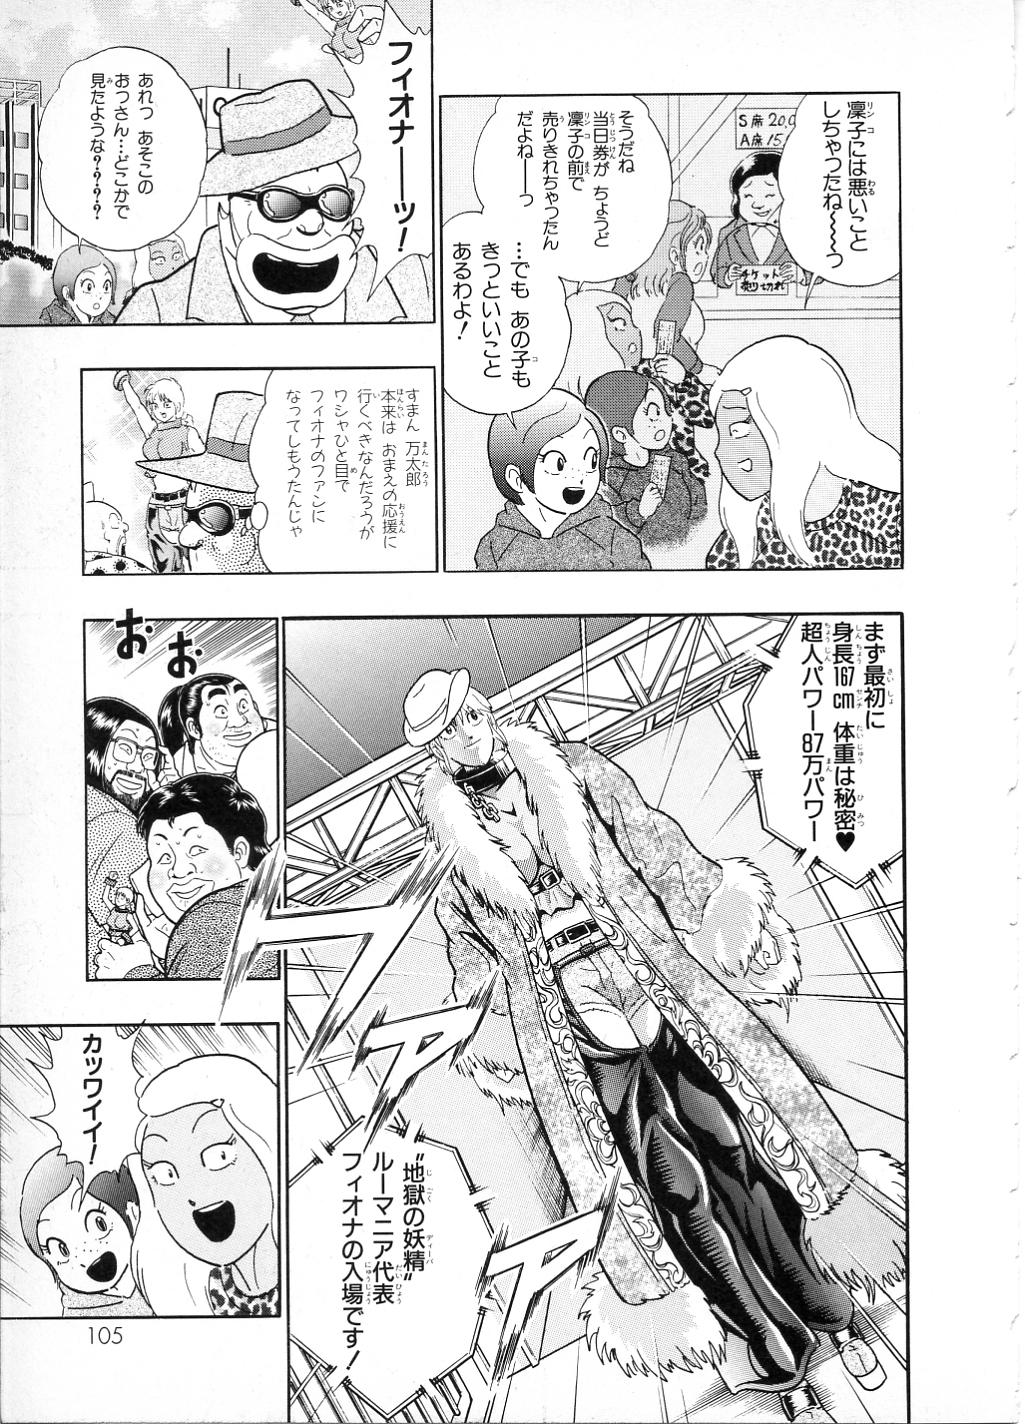 Kinnikuman II Sei Daishingeki v01-04e¥2¥106